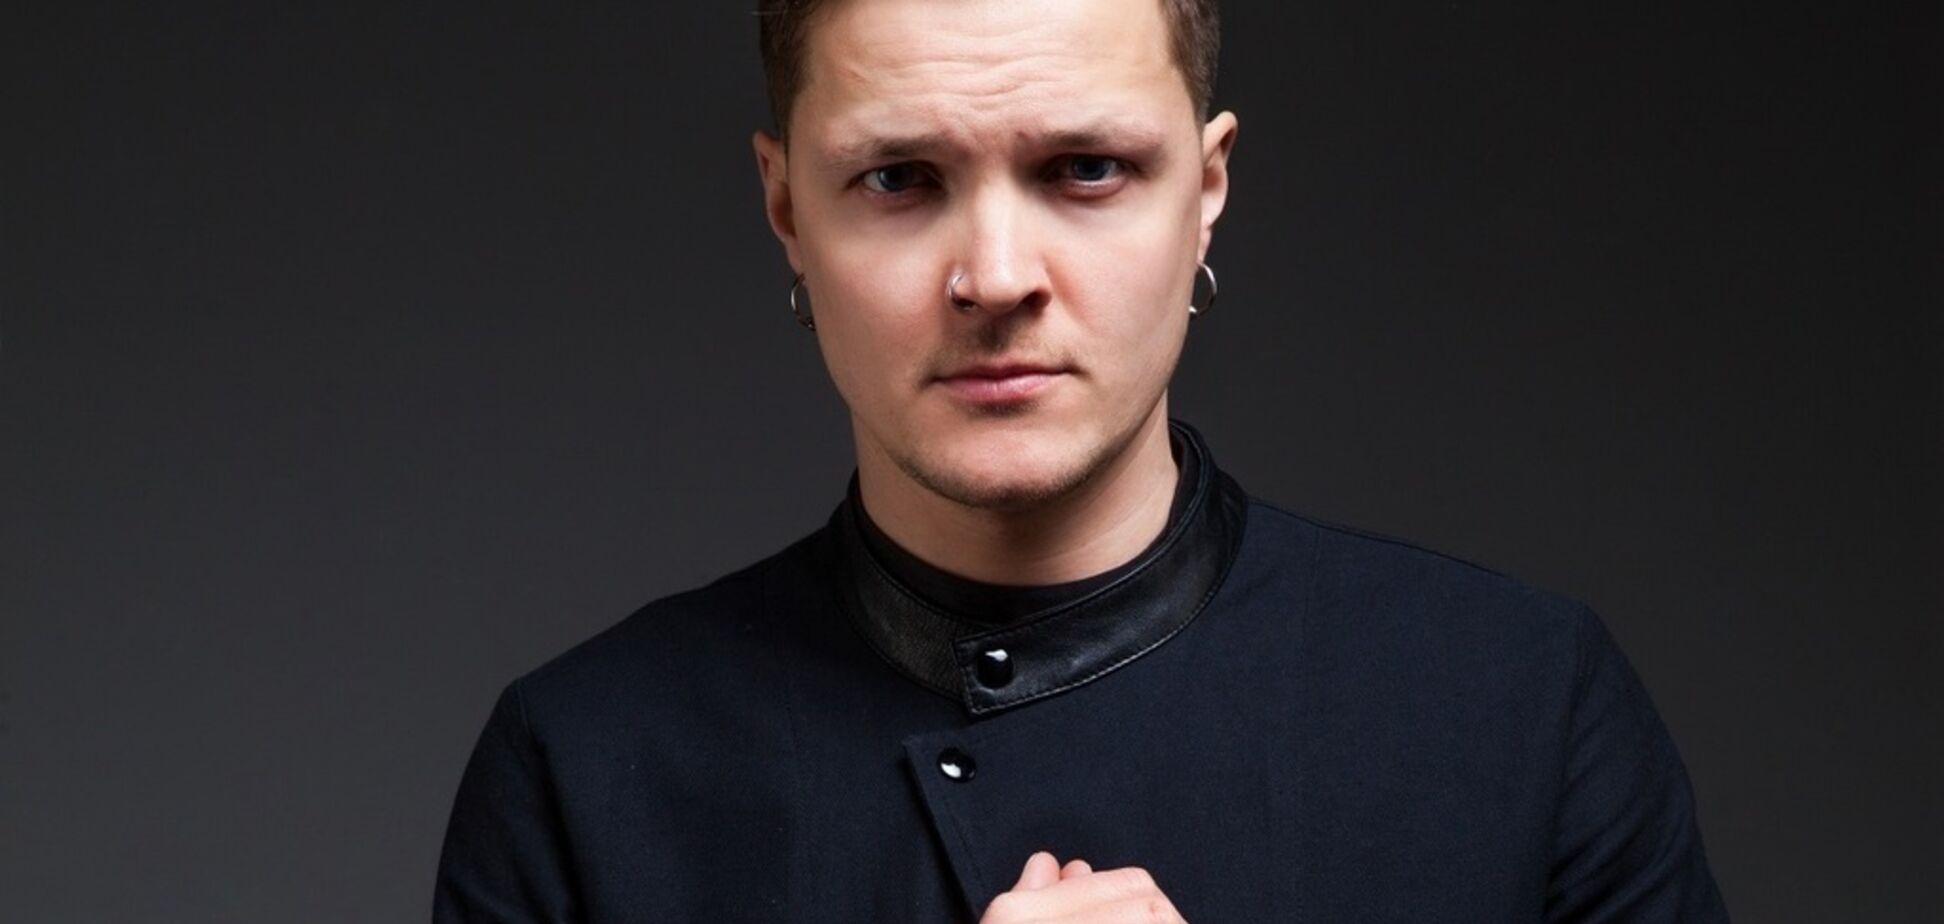 ''Ти мій герой. Назавжди'': представник України на ''Євробаченні'' повідомив про горе в родині